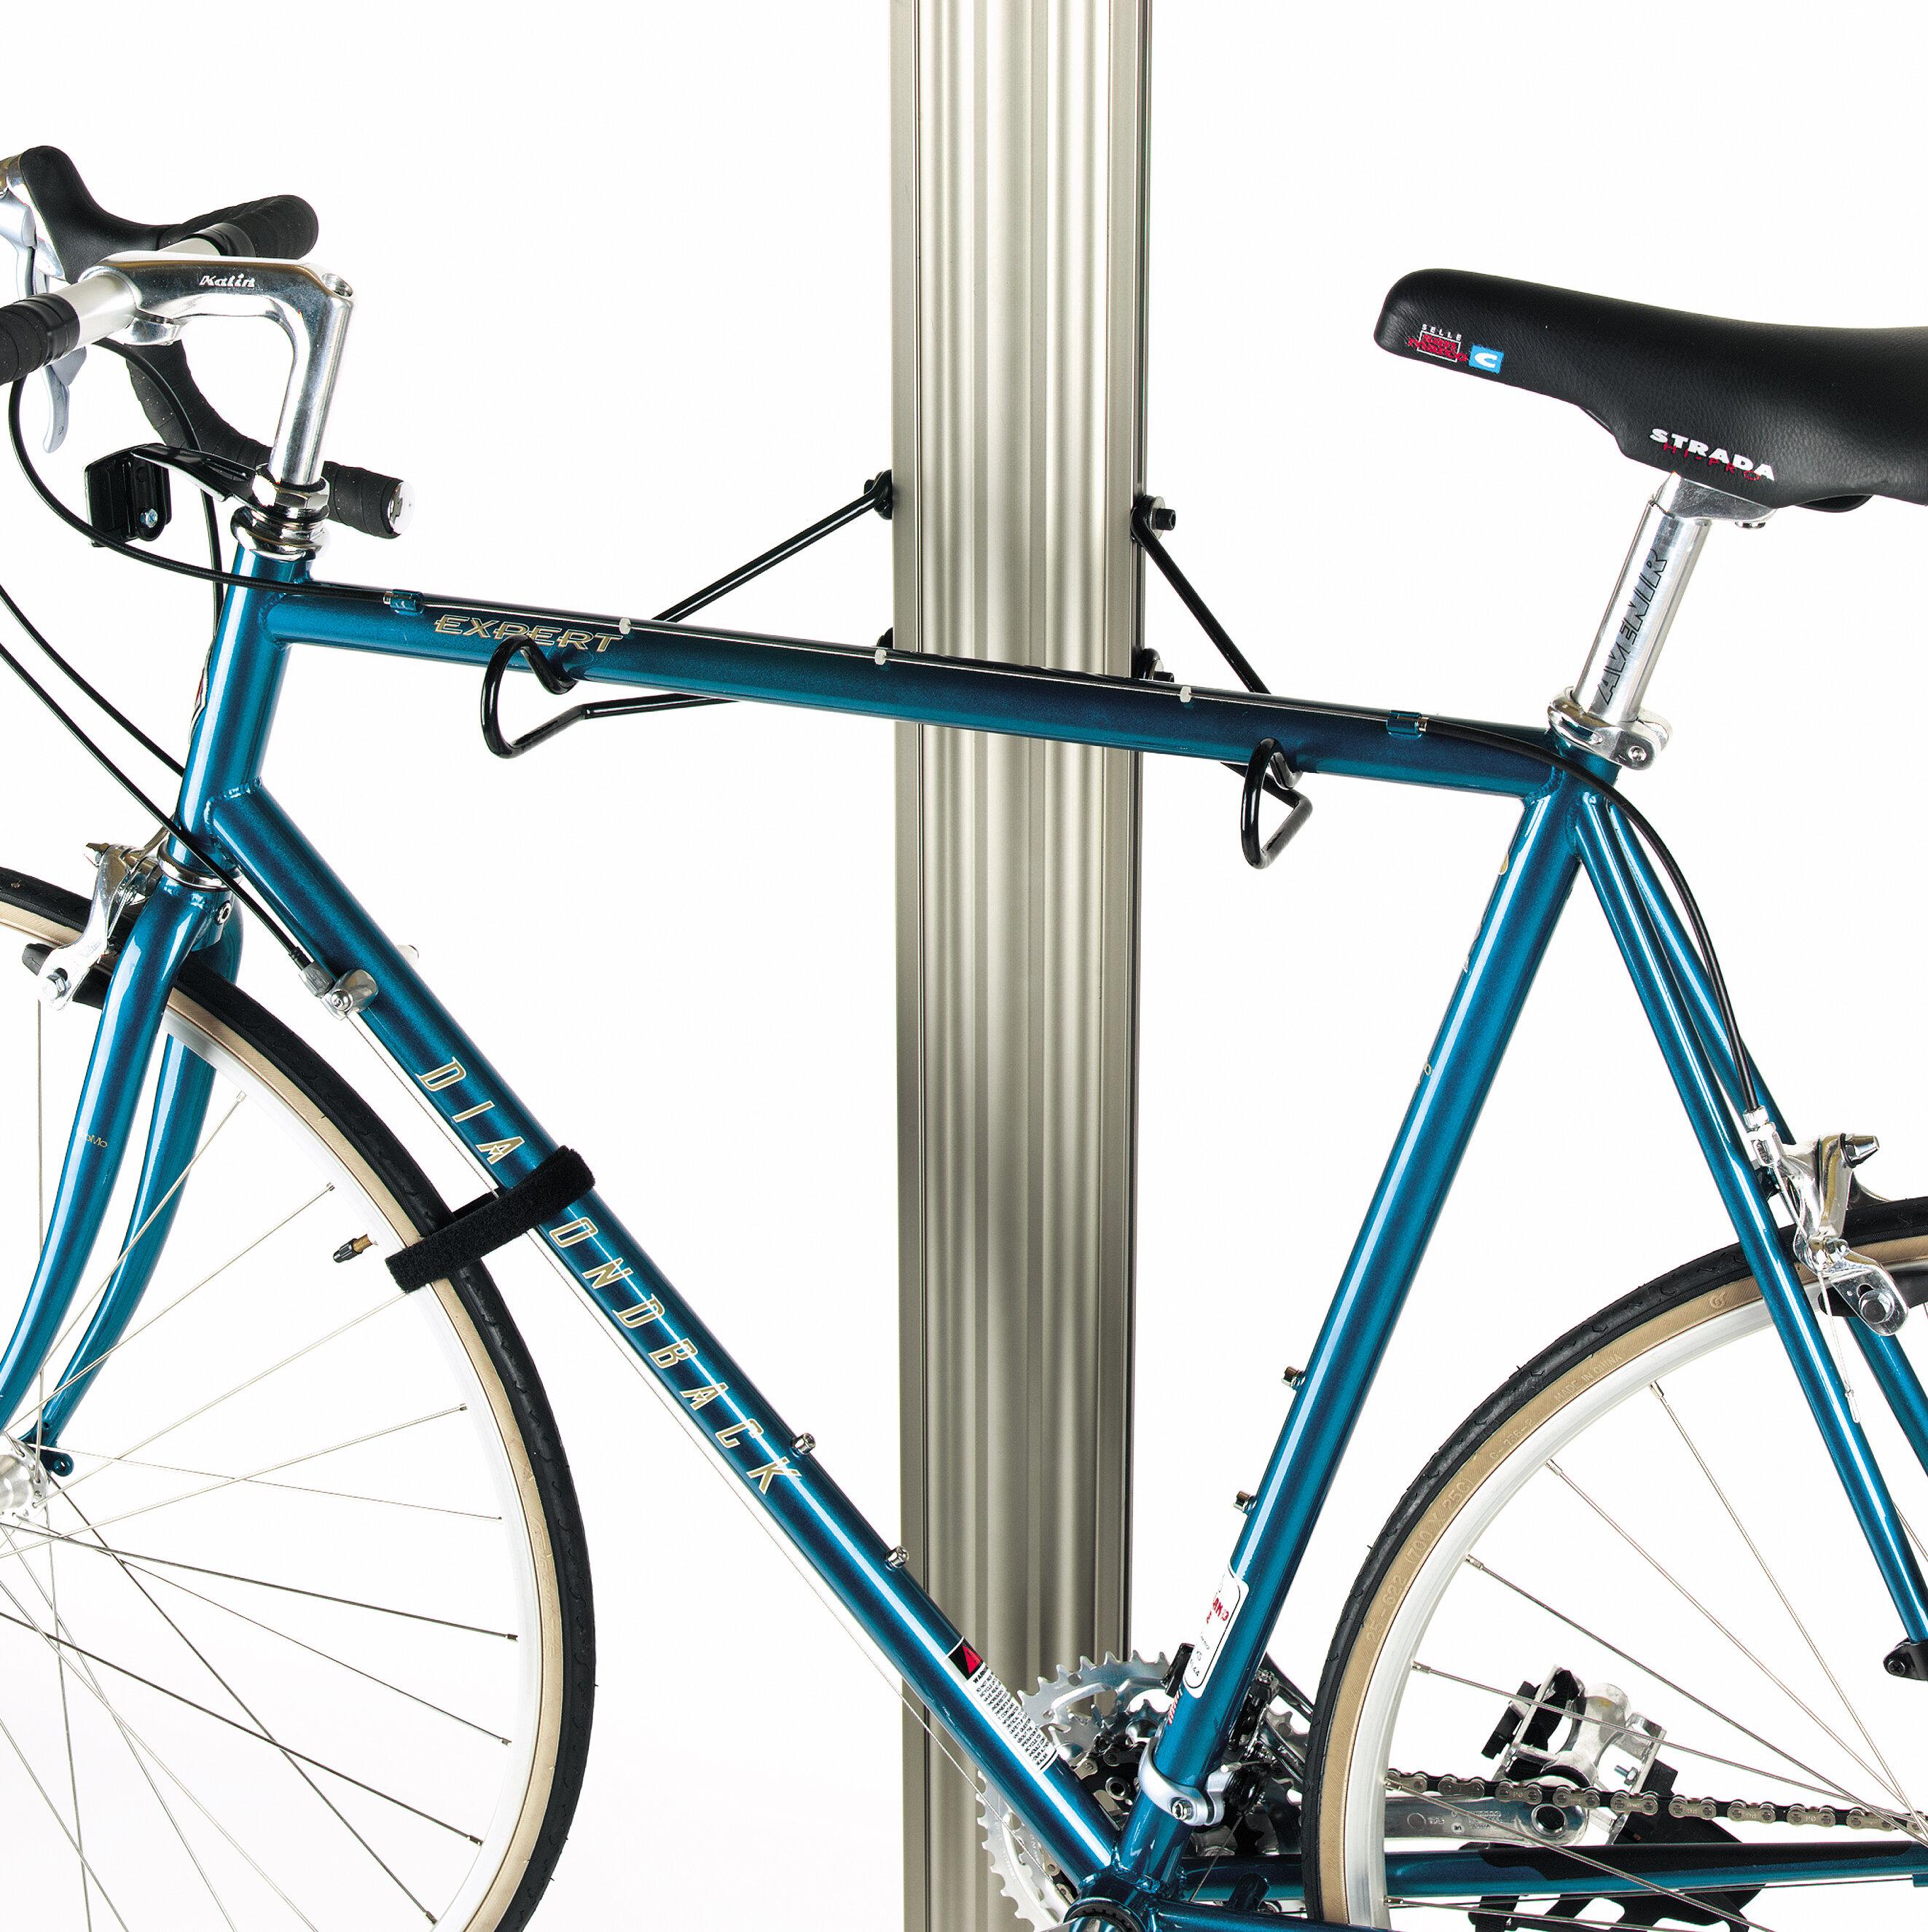 Ceiling Bike Rack >> Gear Up Inc Signature Series 4 Bike Ceiling Mounted Bike Rack